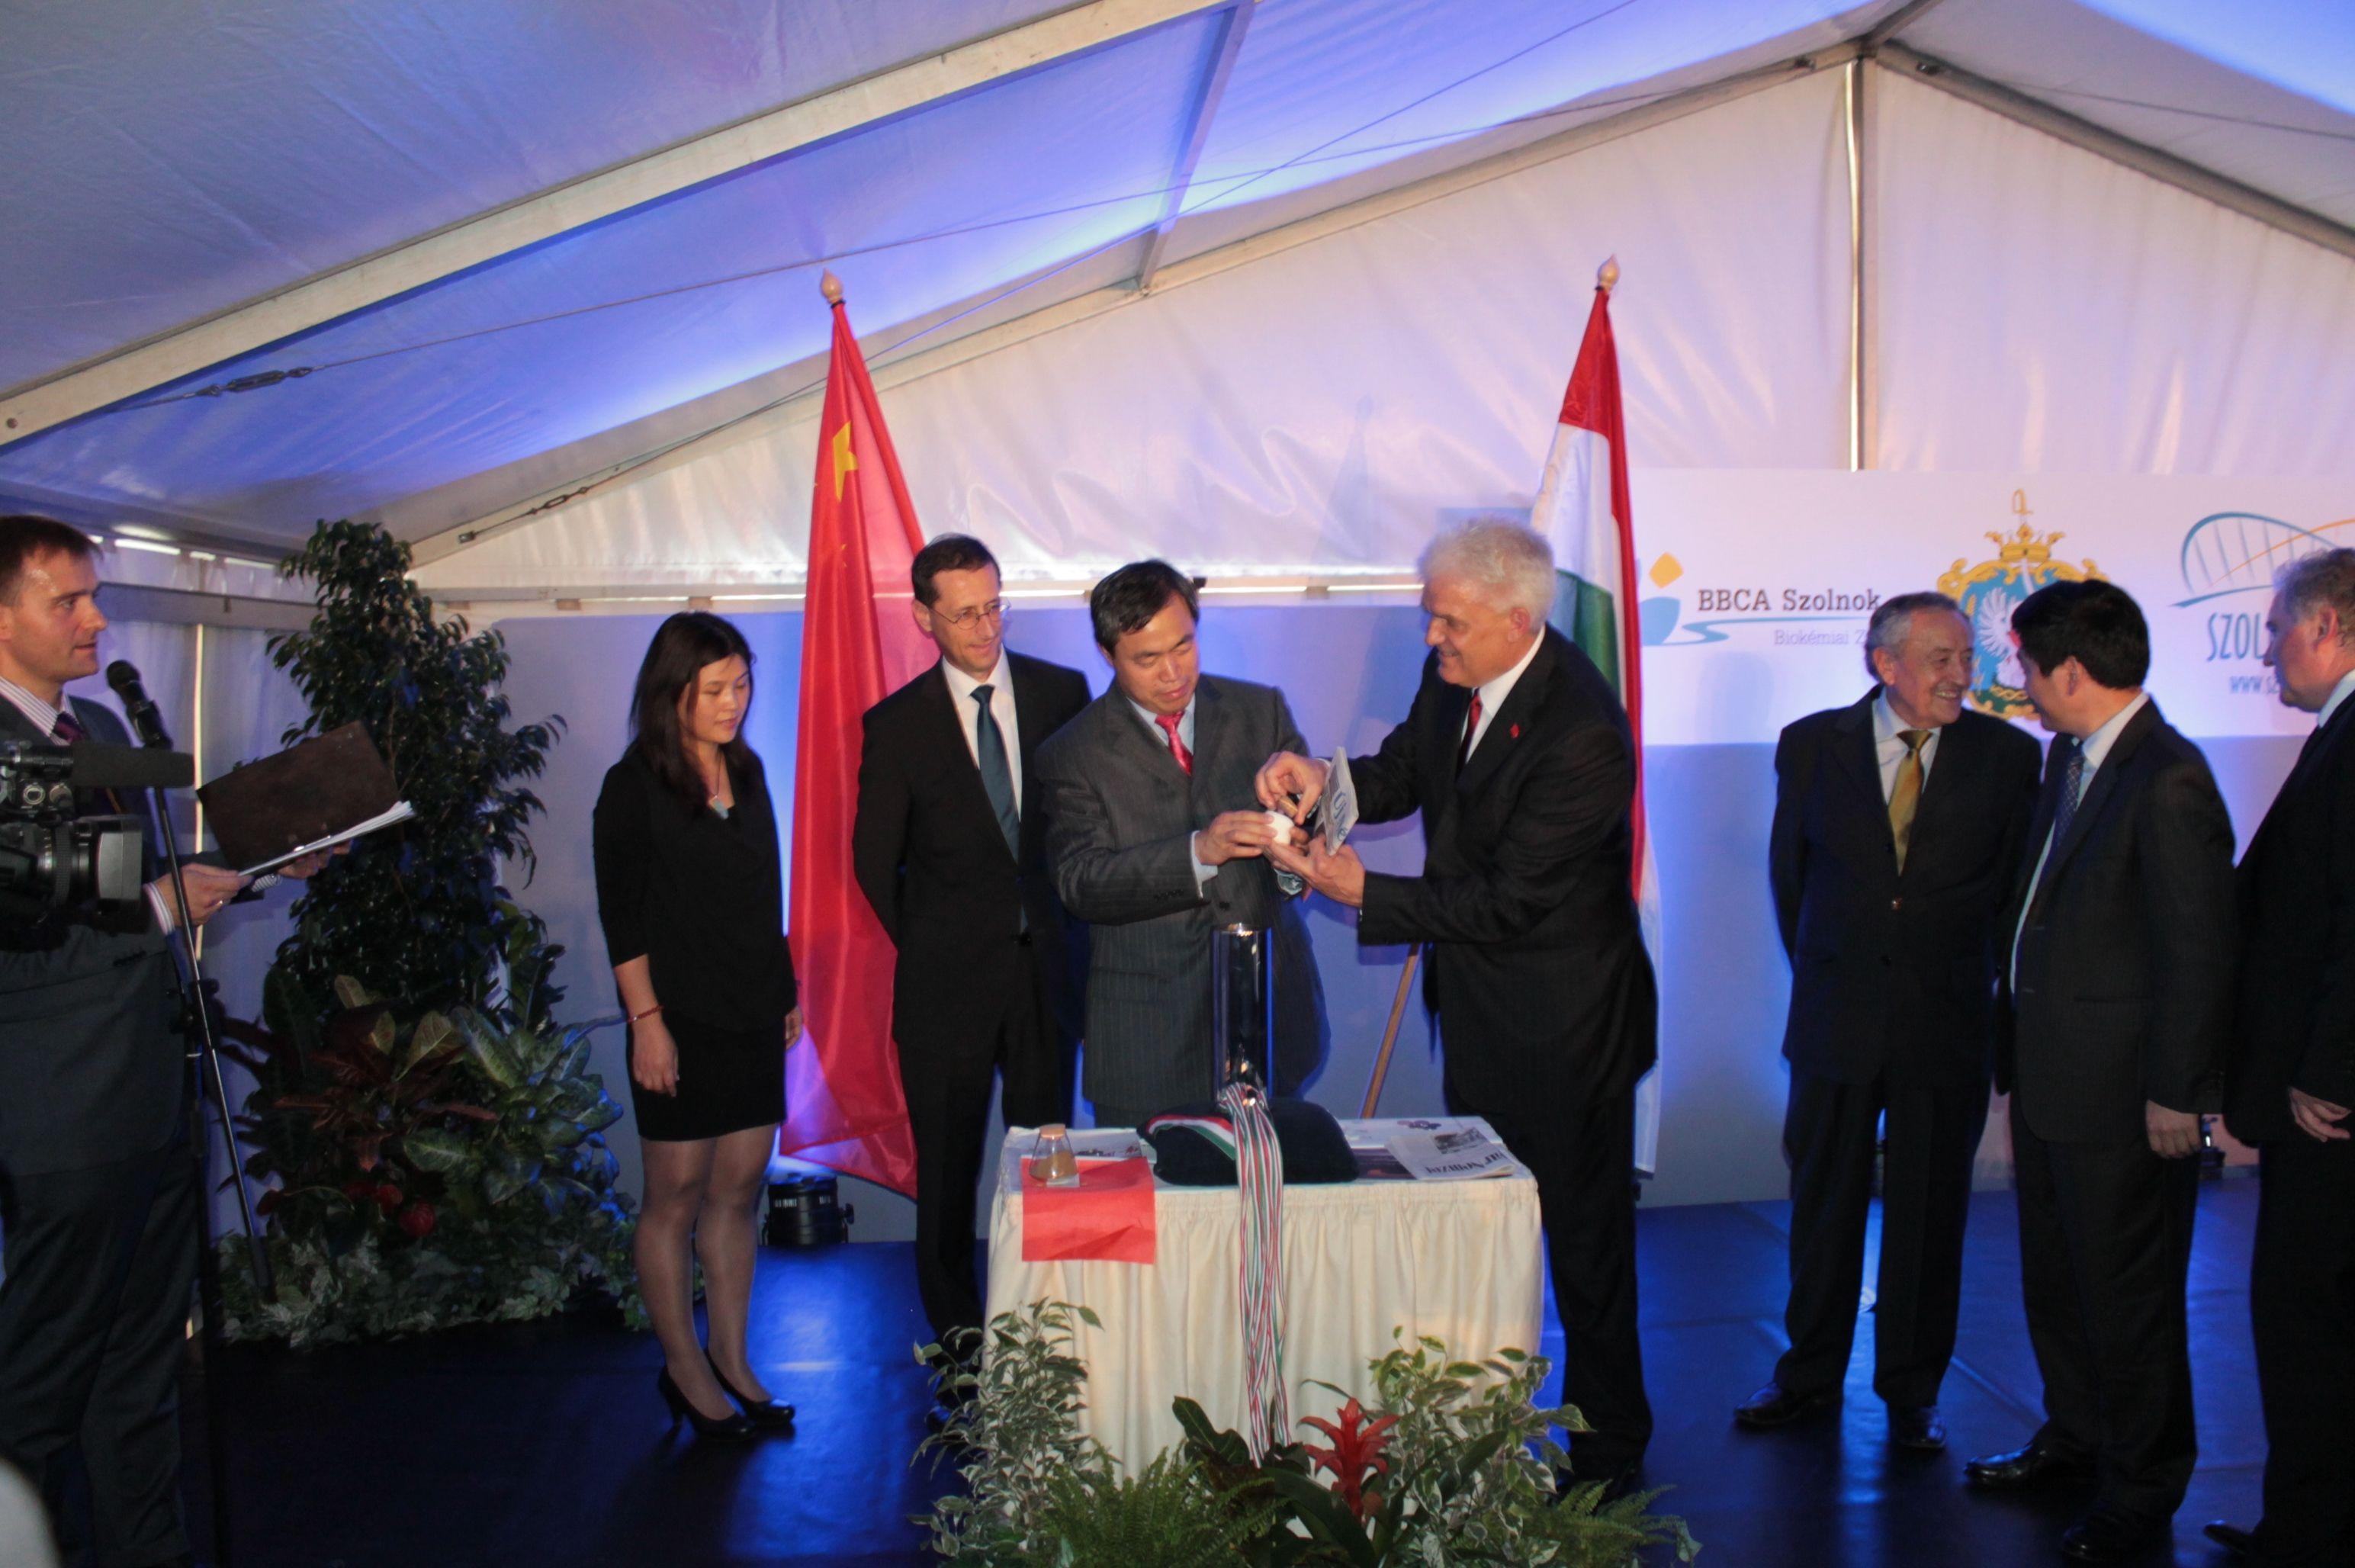 citromsavgyár beruházás, Varga Mihály miniszter, kínai beruházás